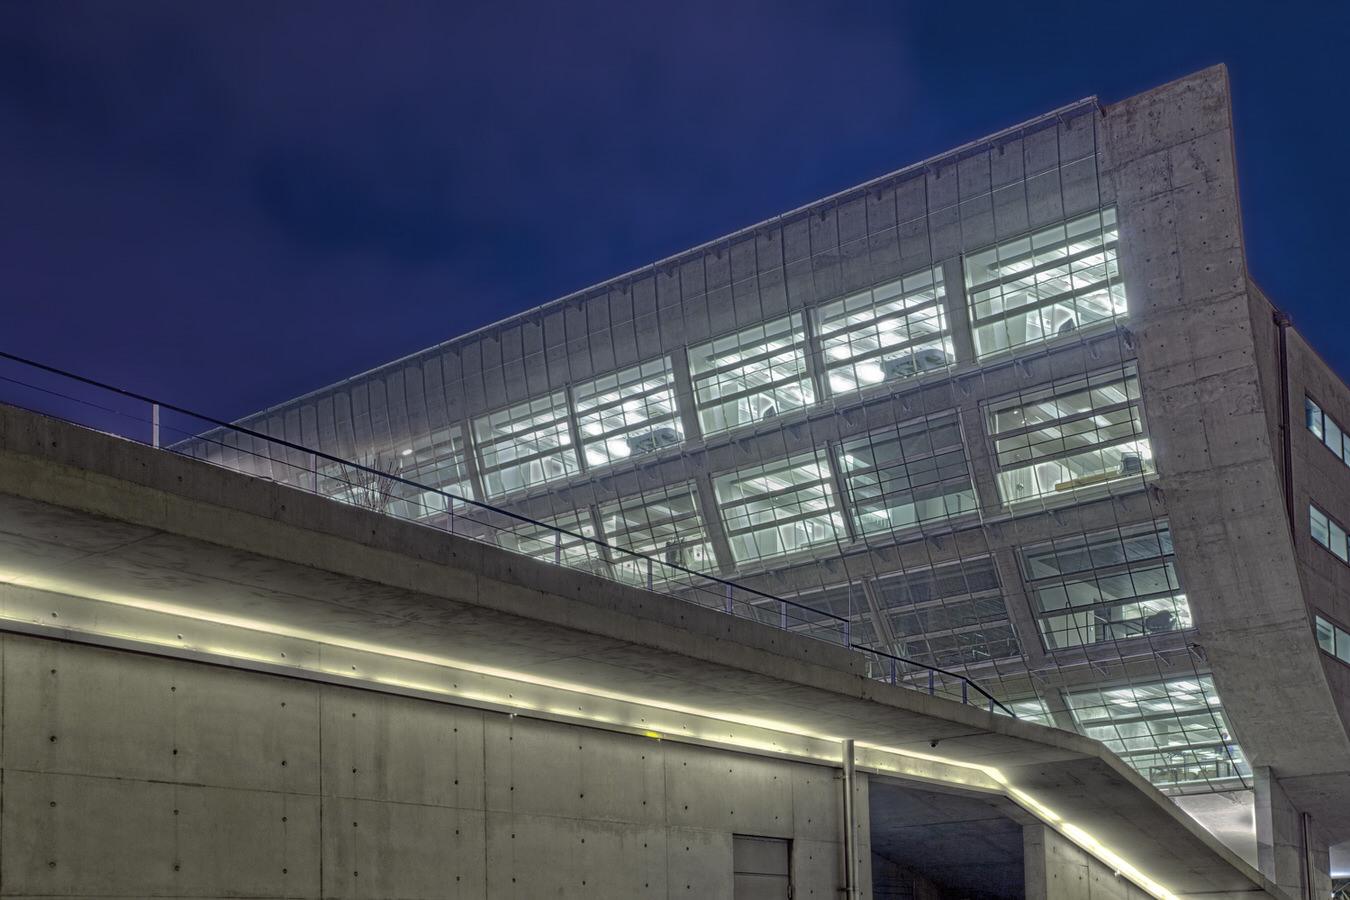 SHOP & TRADE, Γιώργος Φάκαρος - Αρχιτεκτονική Φωτογραφία | Εσωτερικοί Χώροι | Φωτογραφία Ξενοδοχειών - Photography / Φωτογραφία